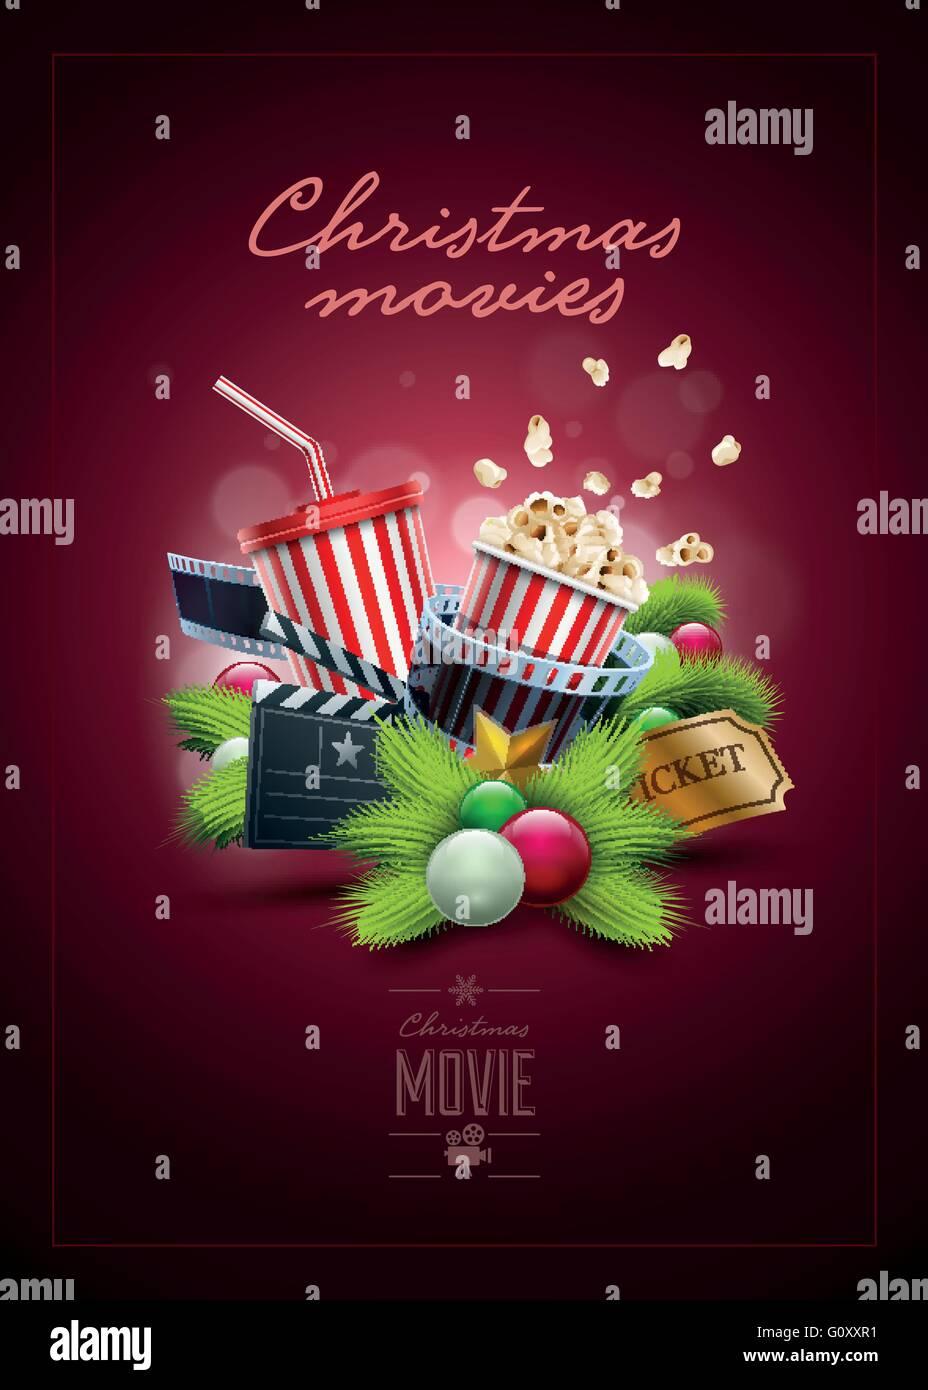 Weihnachten Film-Konzept-Design-Vorlage. Elemente werden separat in ...